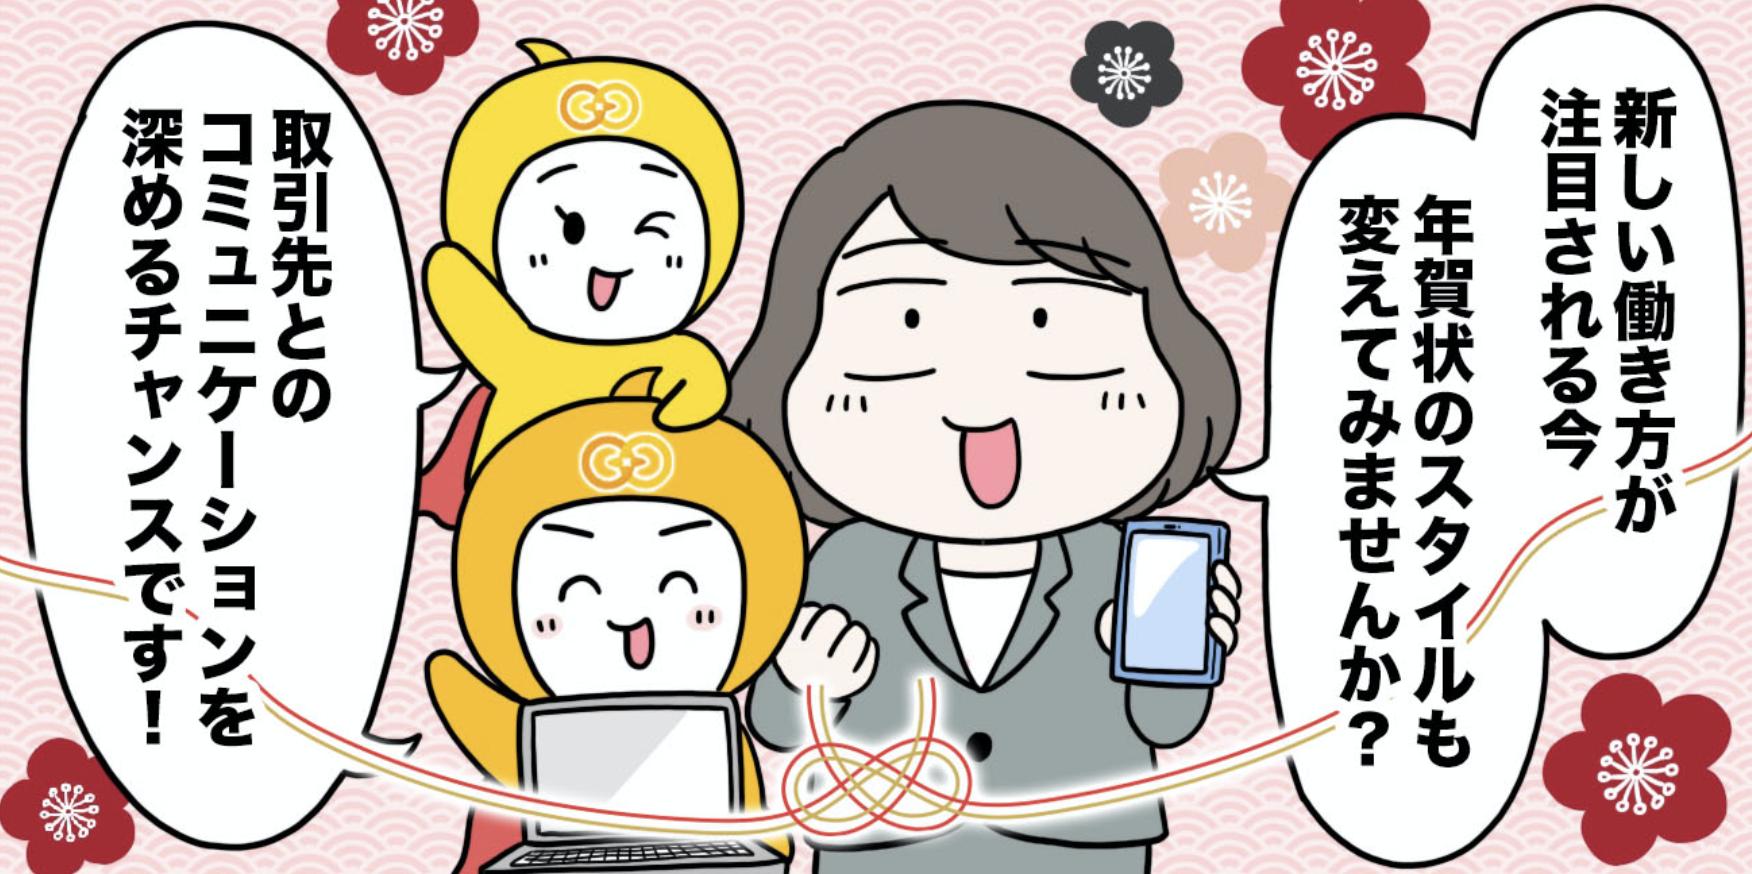 エンプラスのオンライン年賀状サービス漫画を制作しました